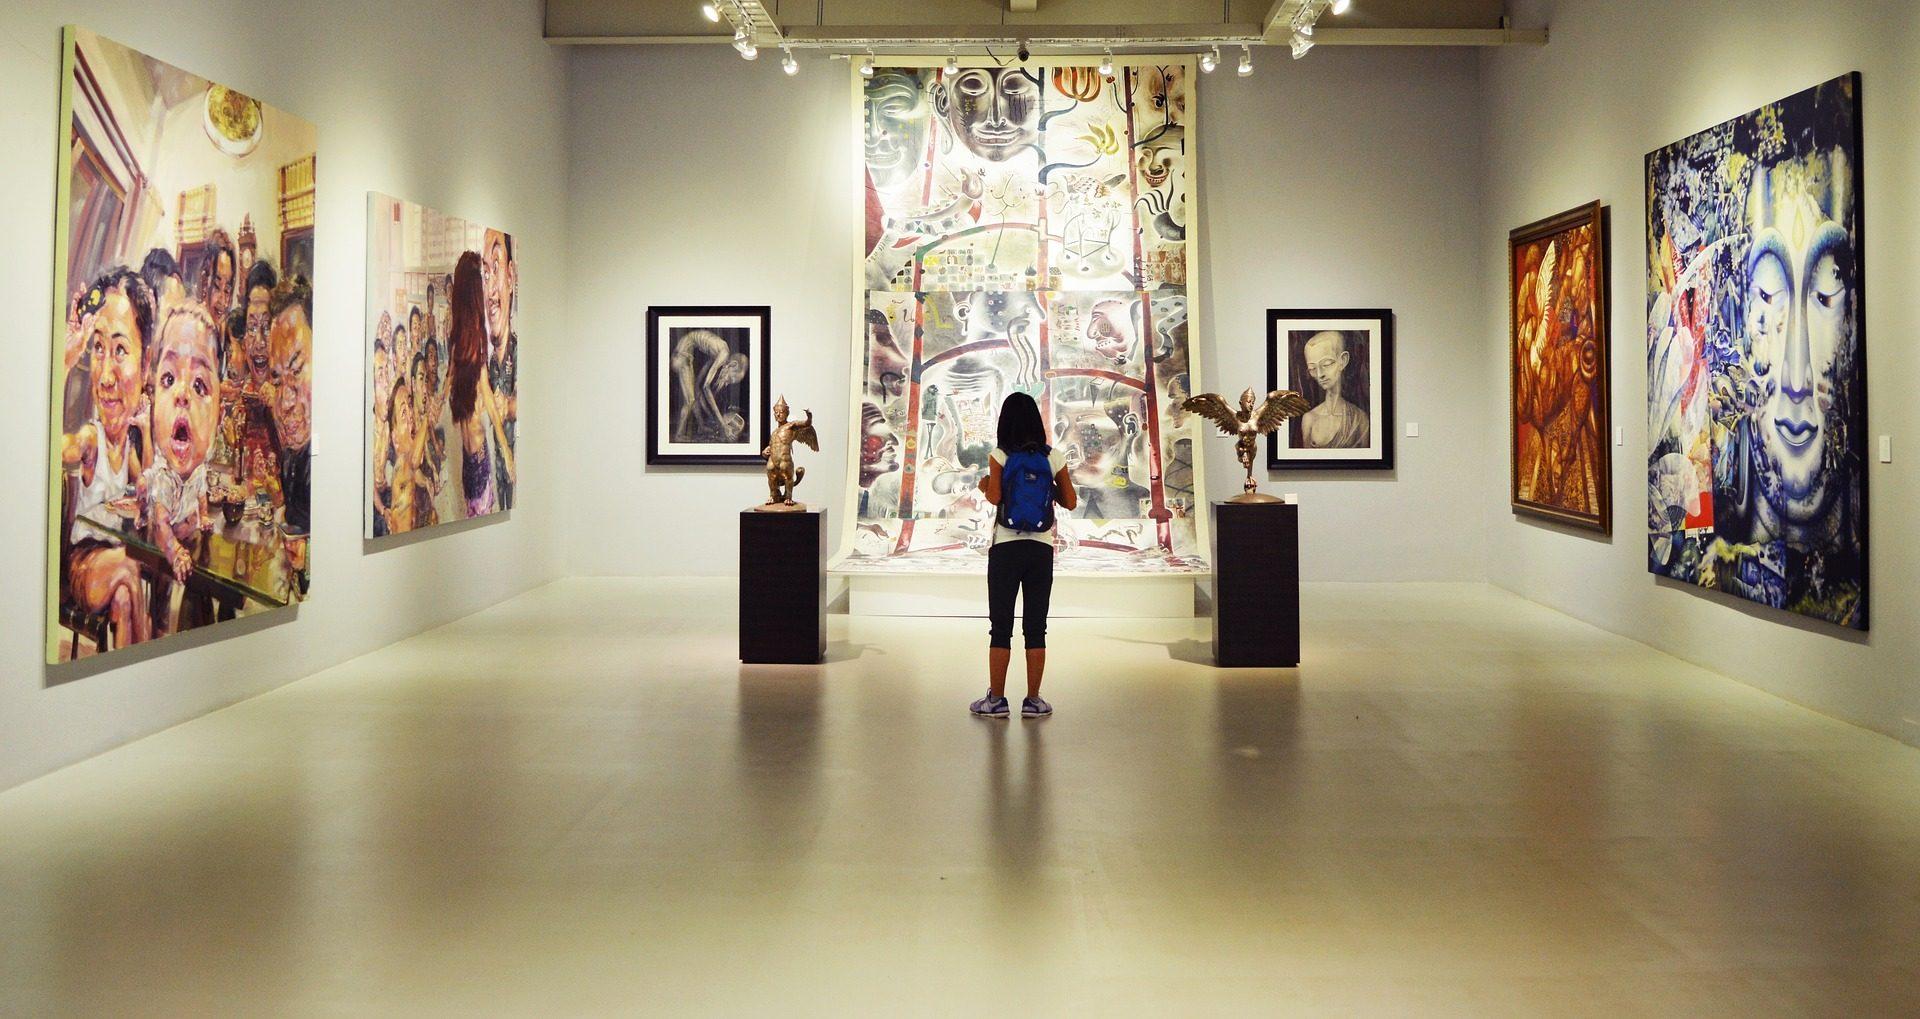 Das Foto zeigt einen Ausstellungsraum, der rechts, links und im hinteren Bereich durch drei weiße Wände begrenzt ist. Vor der hinteren Wand steht eine Besucherin mit dem Rücken zum Betrachter. Sie trägt einen Rucksack und schaut sich das Bild auf der hinteren Wand an. Das Bild reicht von der Decke bis zum Fußboden. Rechts und links des Bildes stehen zwei schwarze Sockel mit Ausstellungsobjekten. Rechts und links neben dem großen Bild hängen zwei kleinere Portraits, jeweils von schwarzen Rahmen umrahmt. An der rechten und linken Wand hängen jeweils zwei großformatige Leinwände.